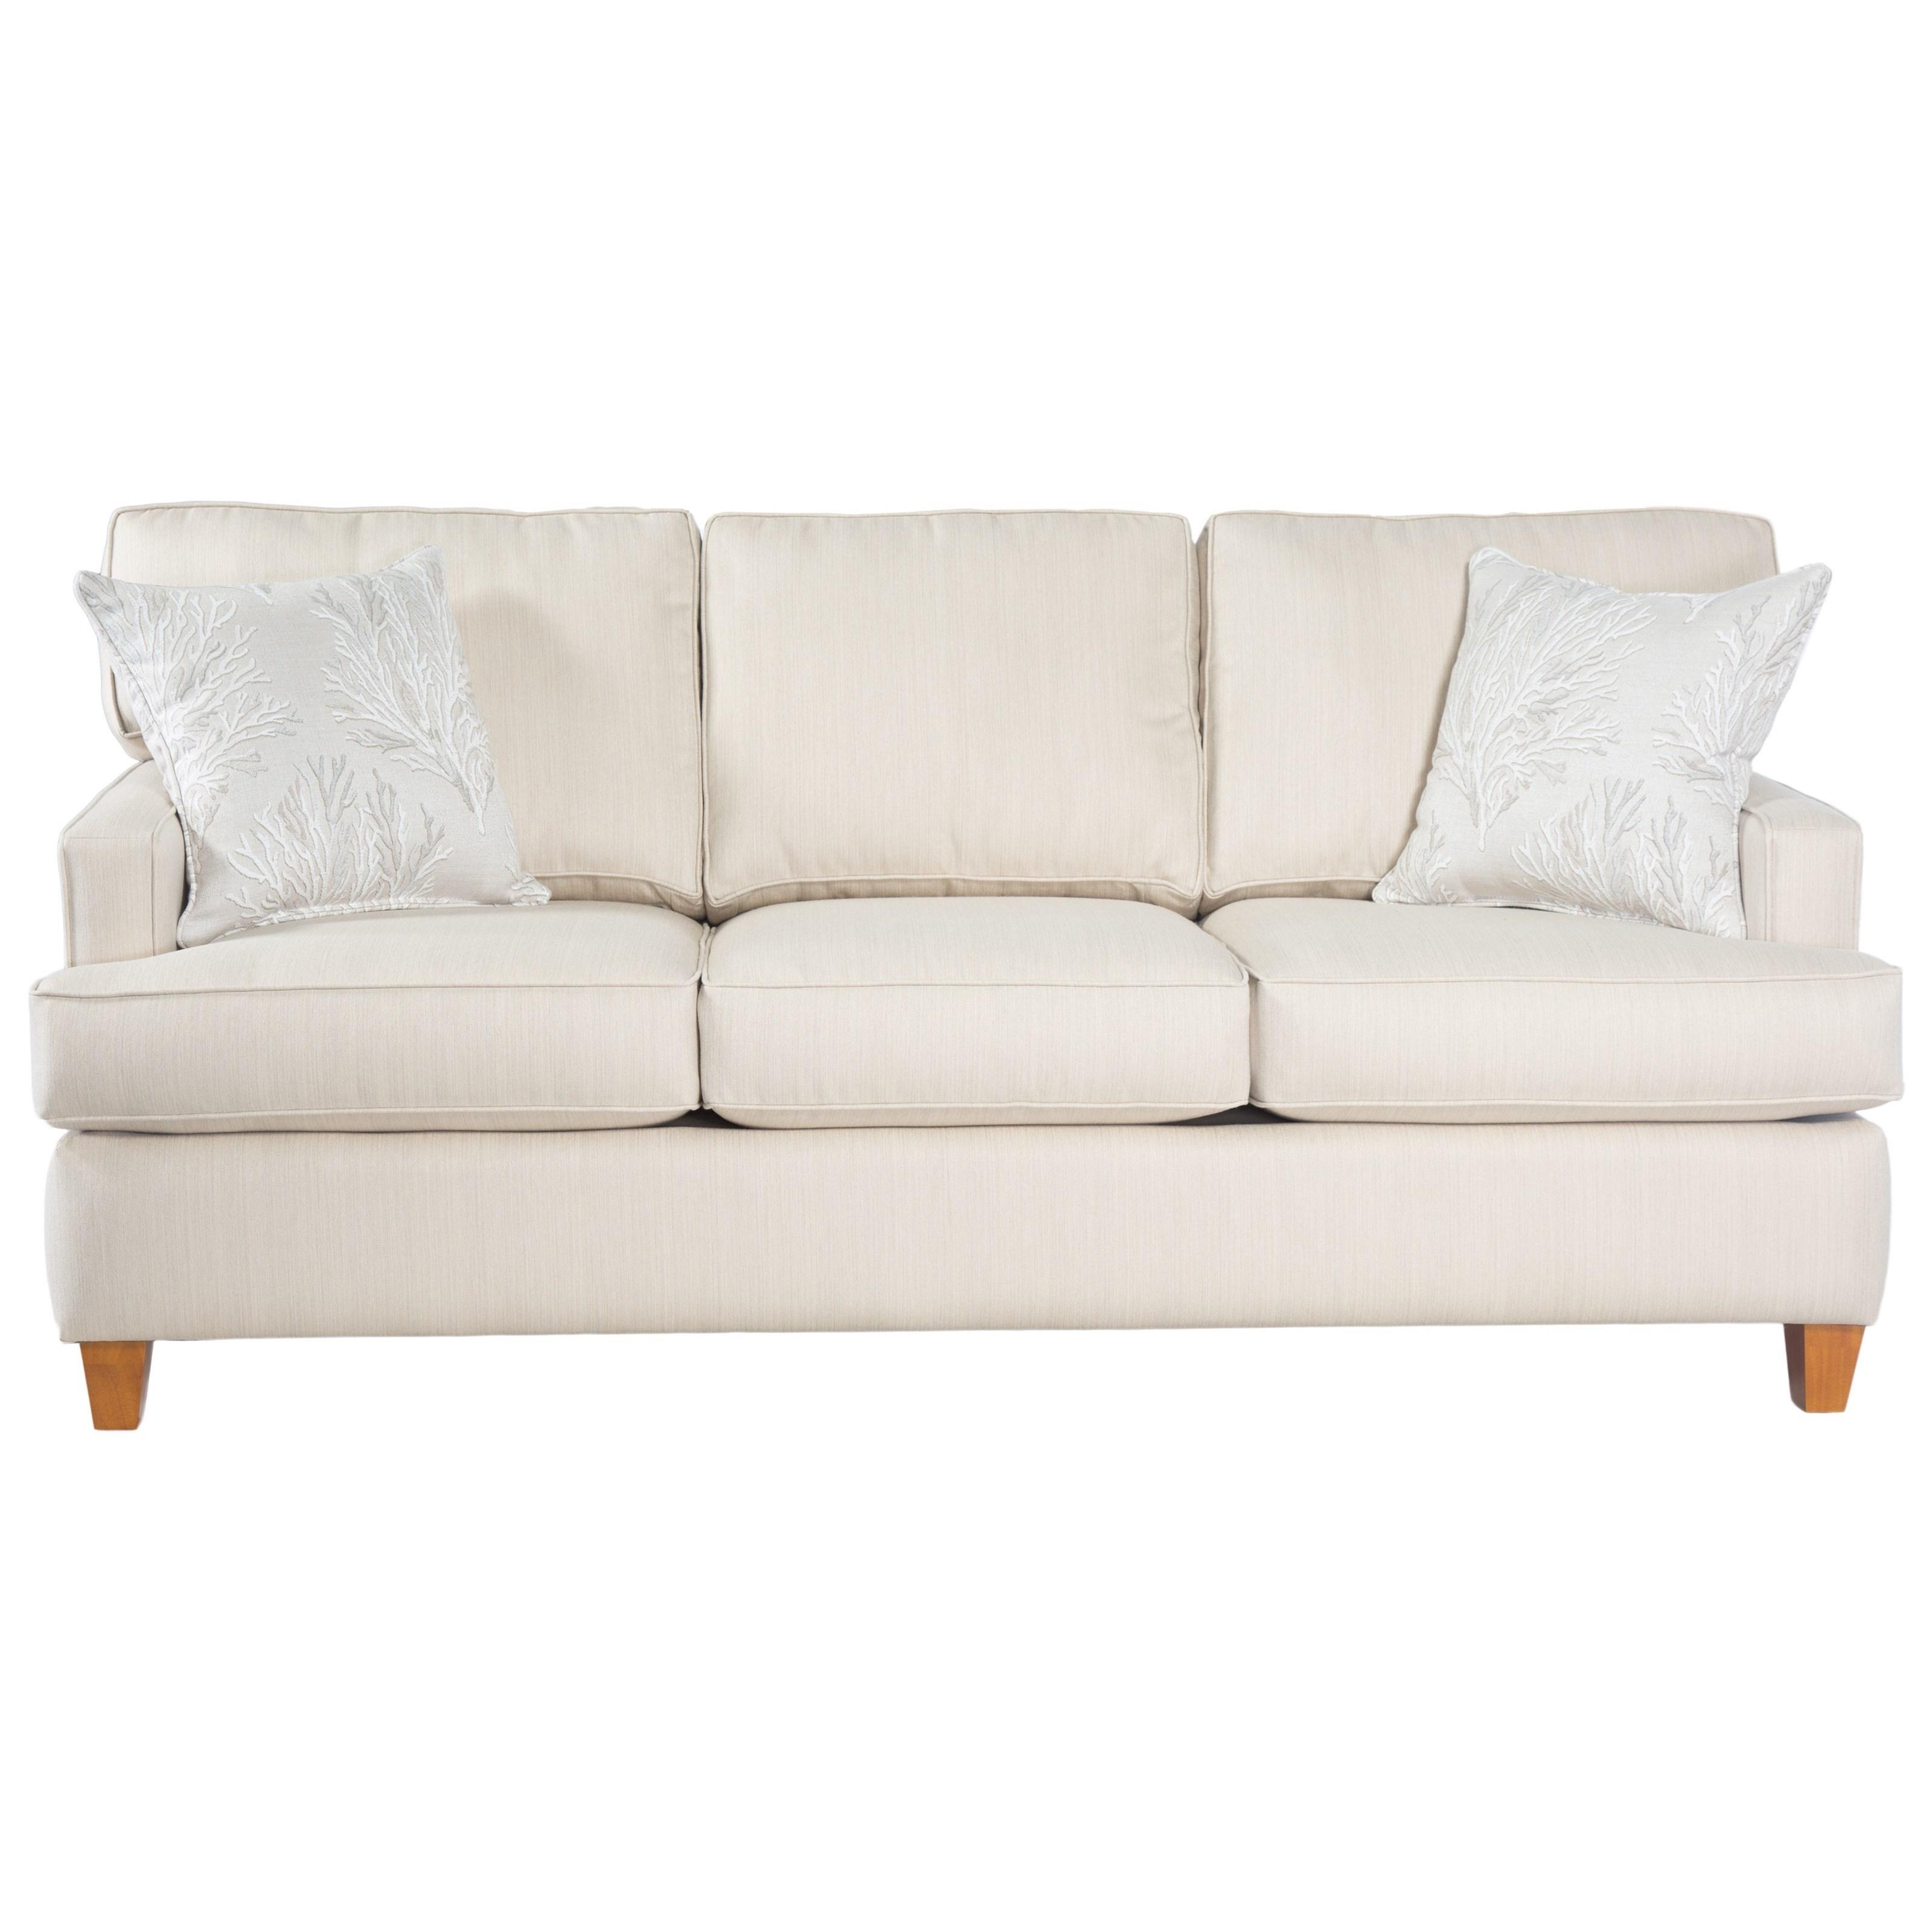 Perfect Capris Furniture 162 Contemporary Small Scale Sleeper Sofa   Hudsonu0027s  Furniture   Sleeper Sofas